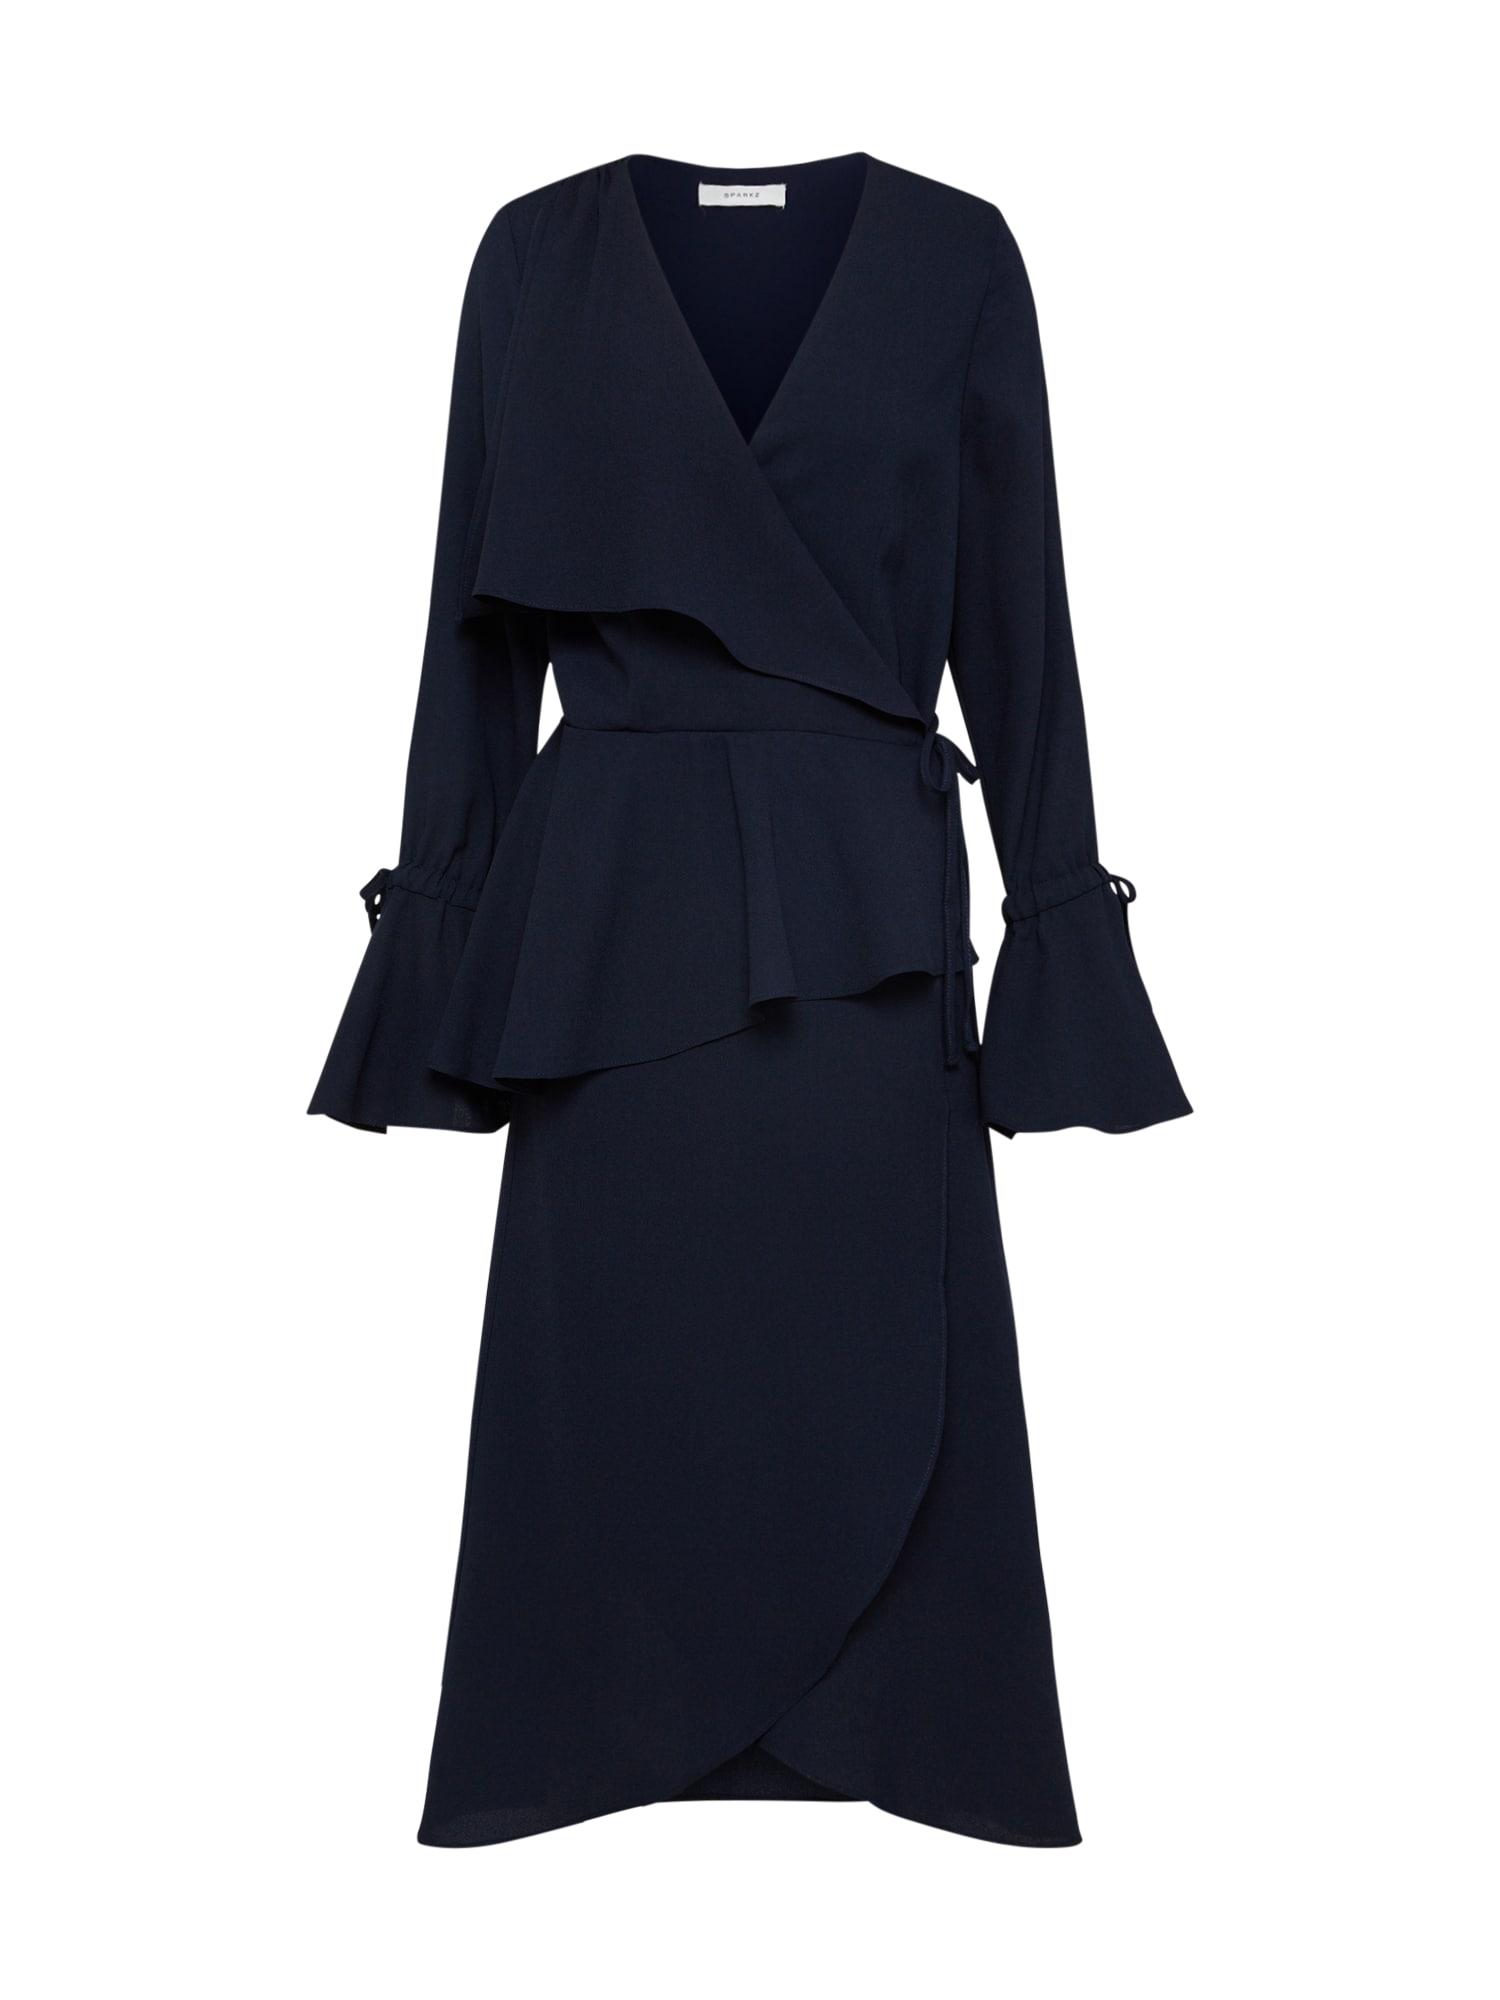 Koktejlové šaty Nomi námořnická modř Sparkz